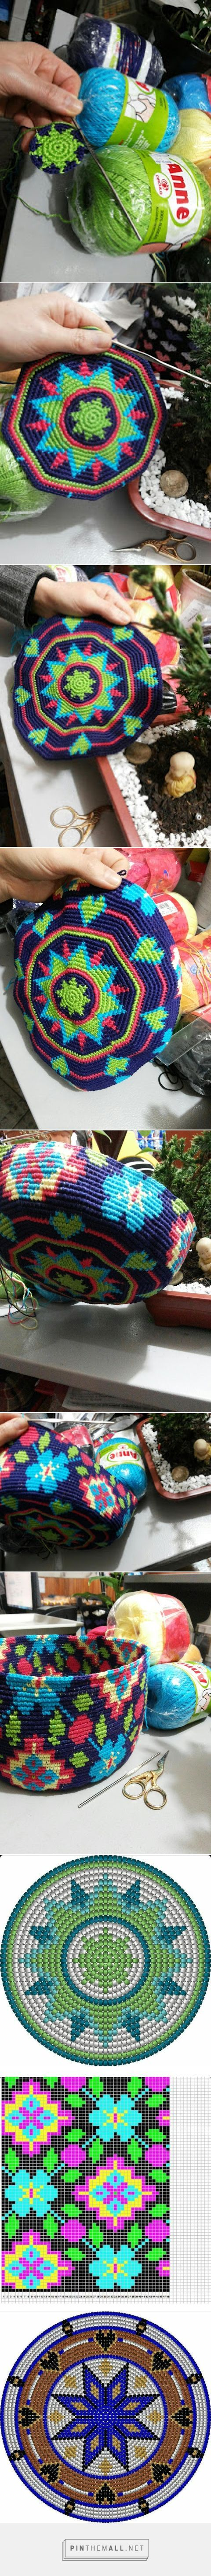 Wayuu Mochila bag bottom